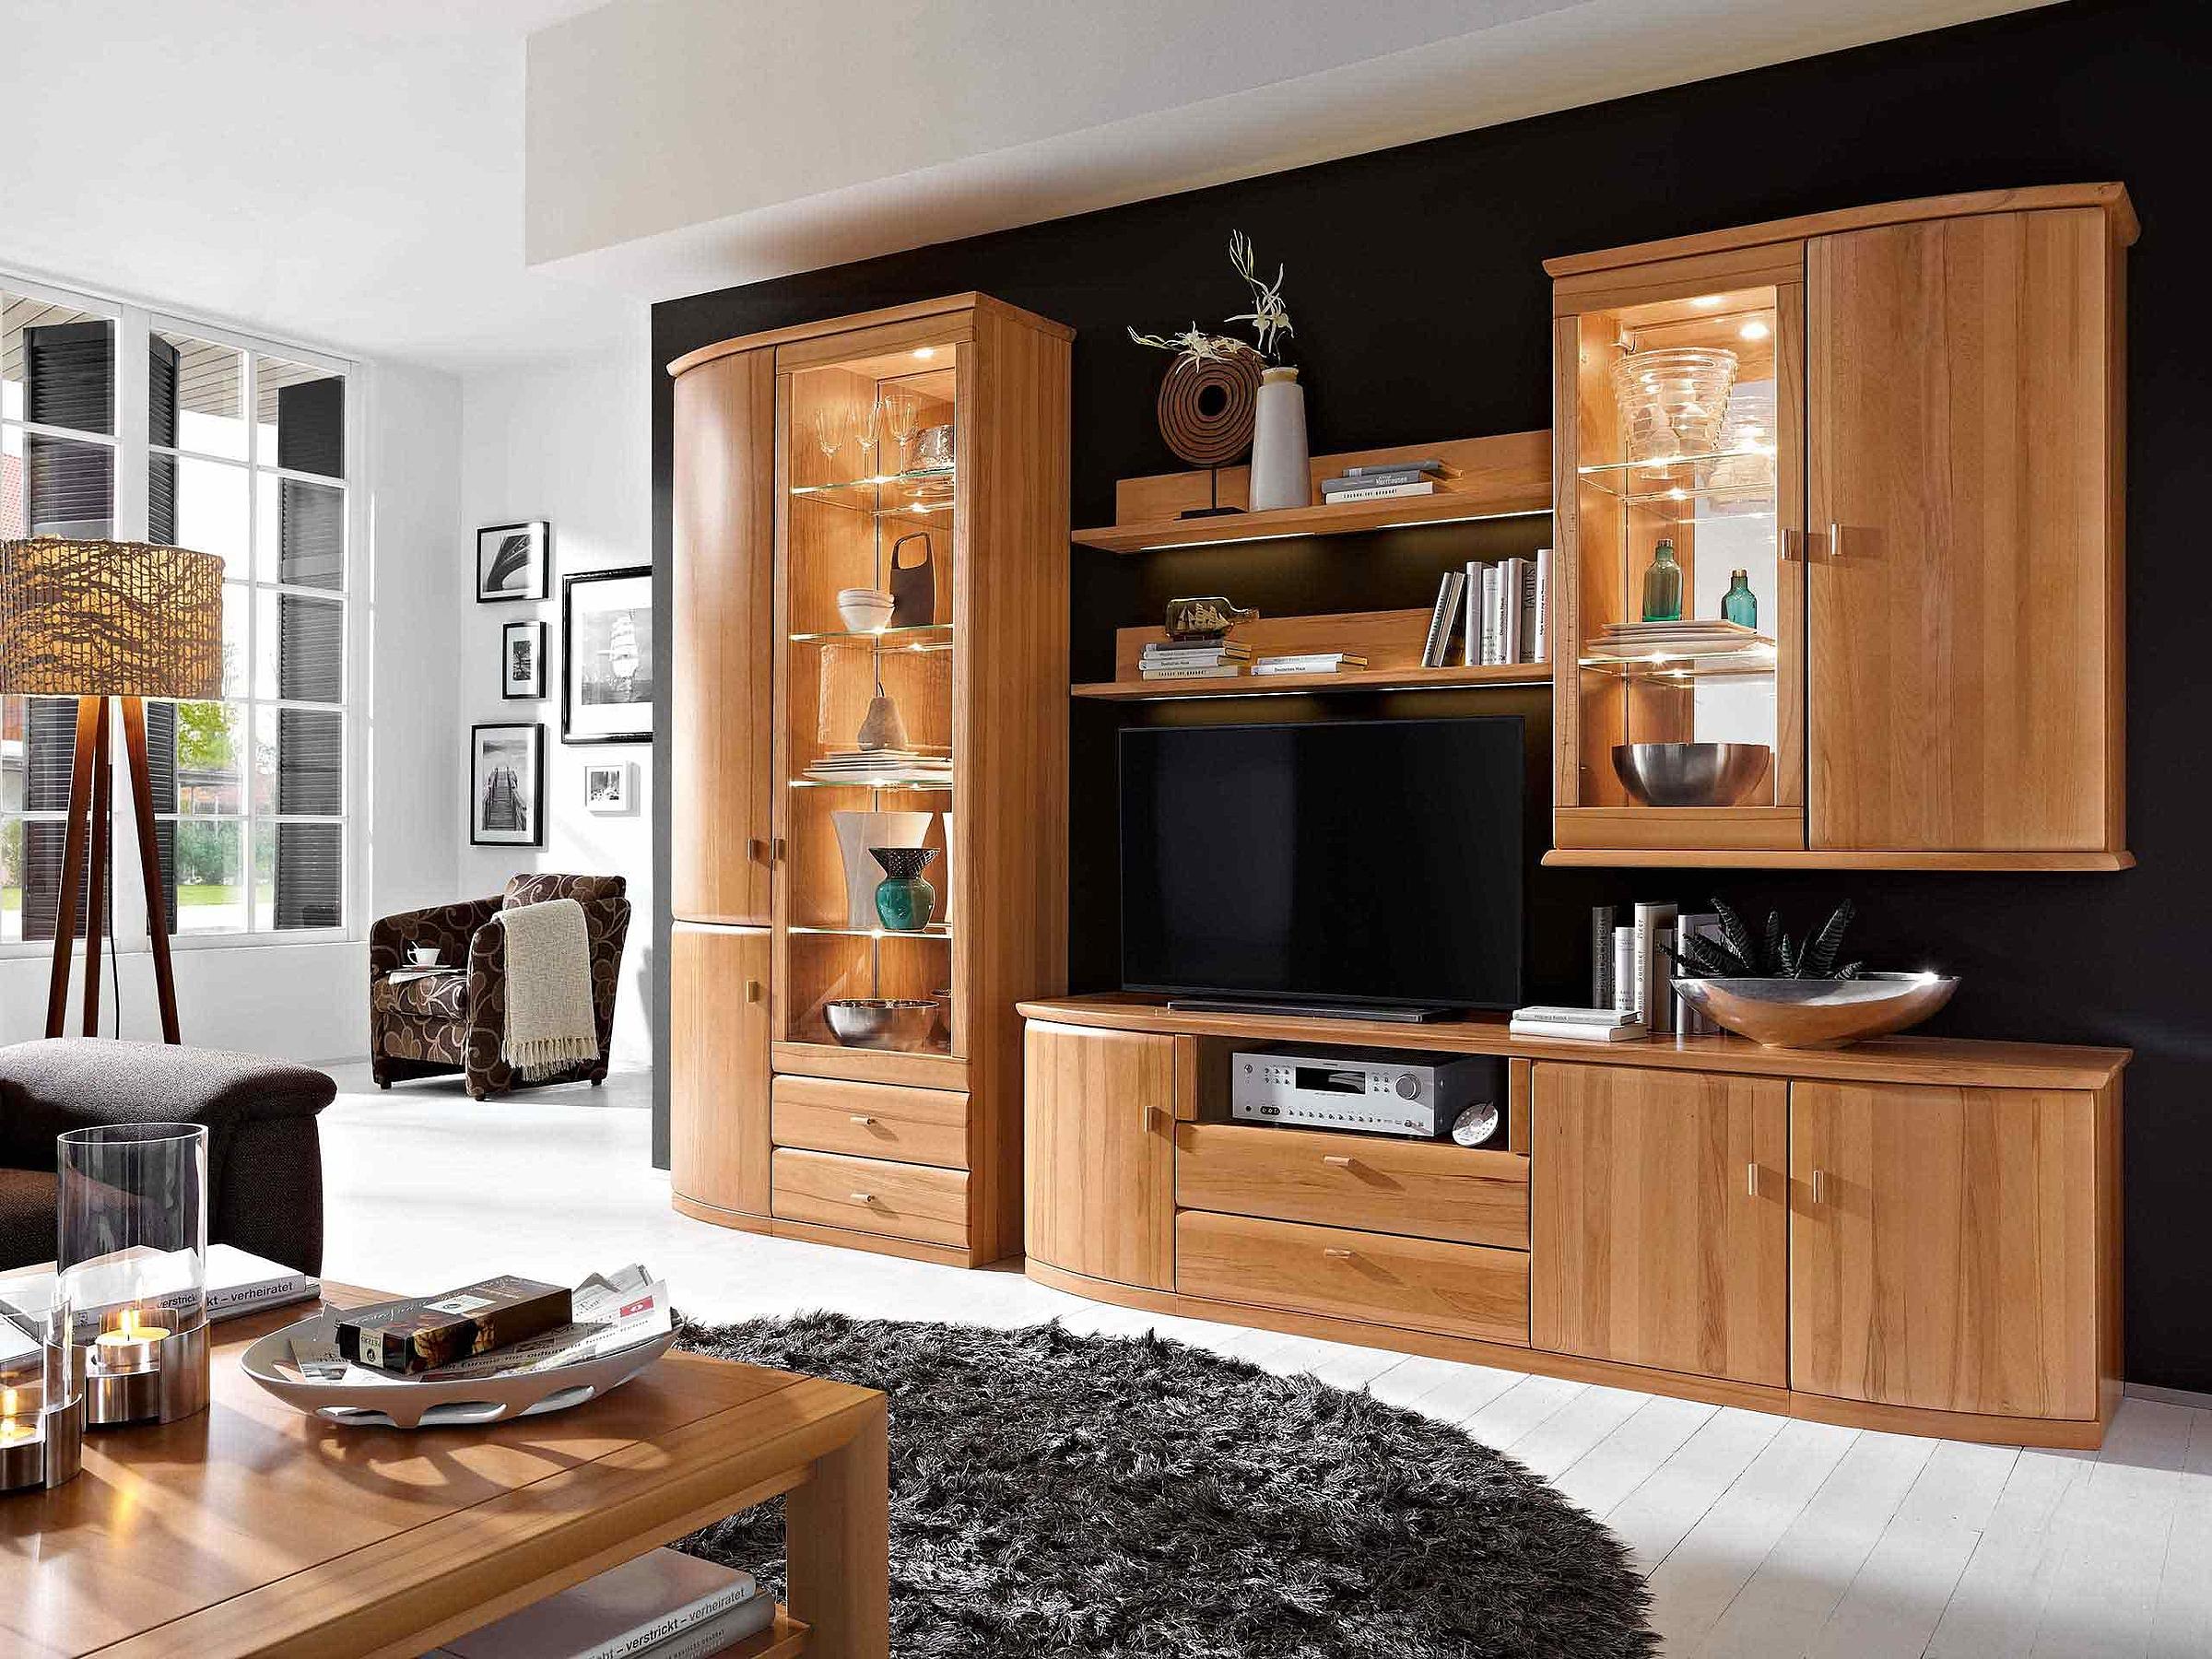 Couchtisch Wohnwand Wohnzimmer Opus Kernbuche massiv